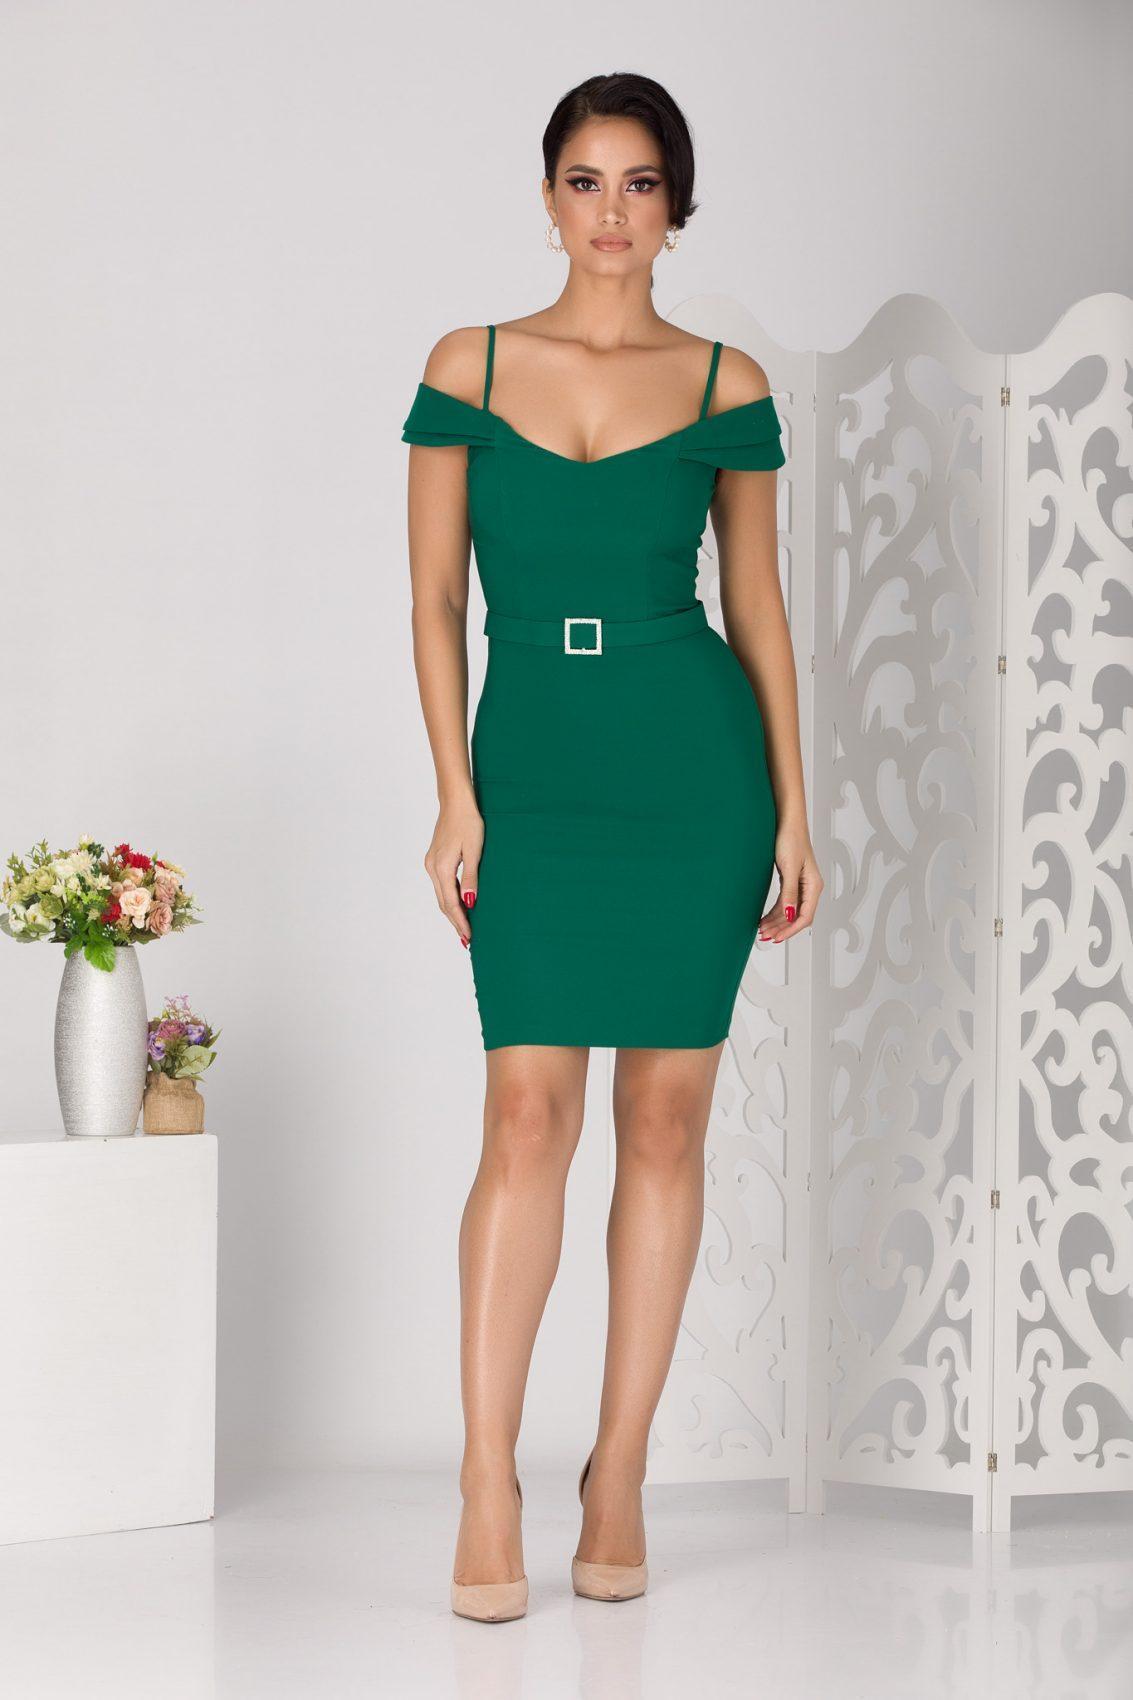 Noyre Green Dress